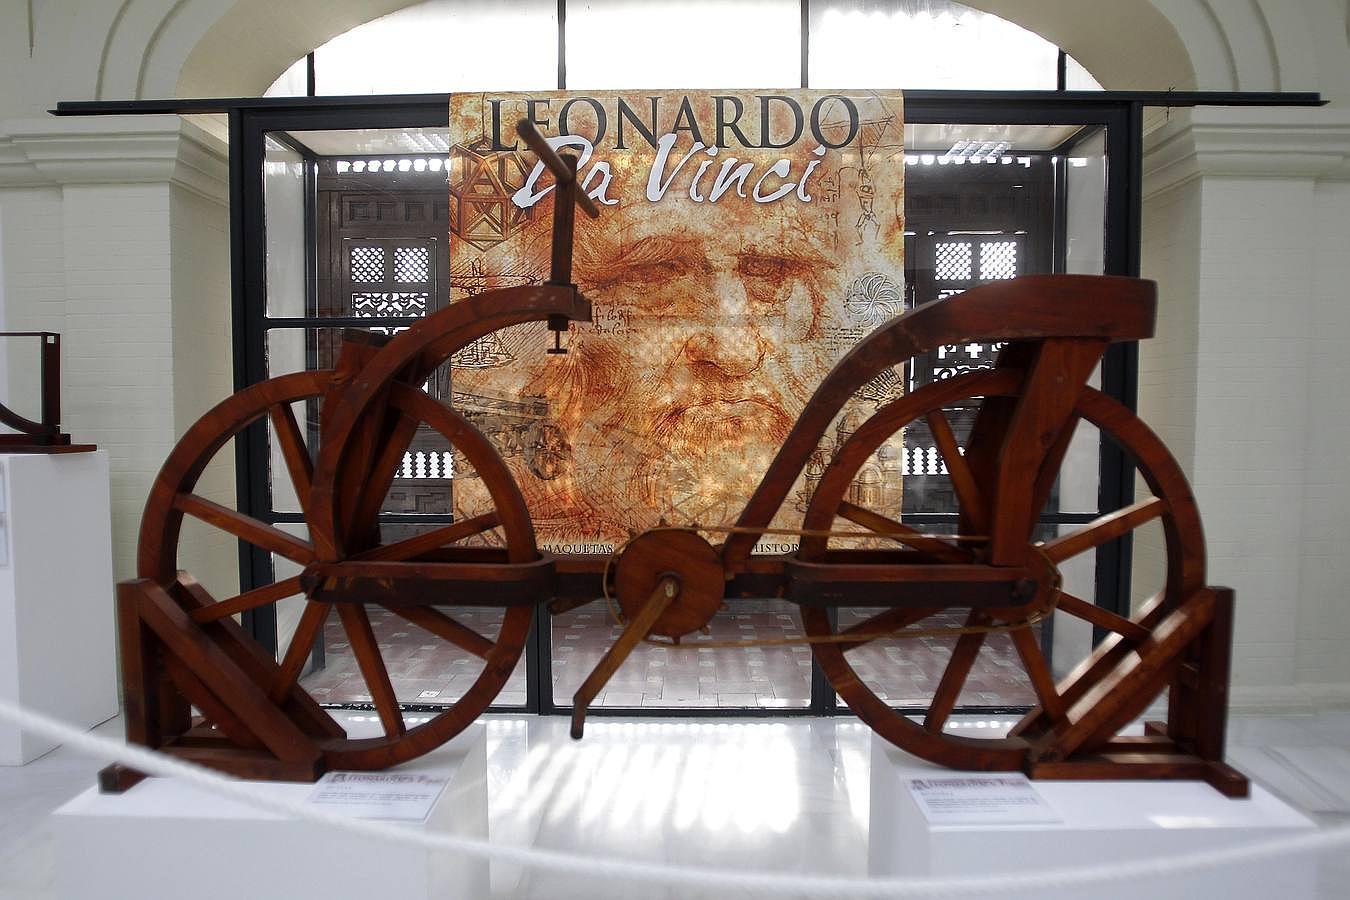 Los inventos de leonardo da vinci en la casa de la ciencia for Vinci una casa